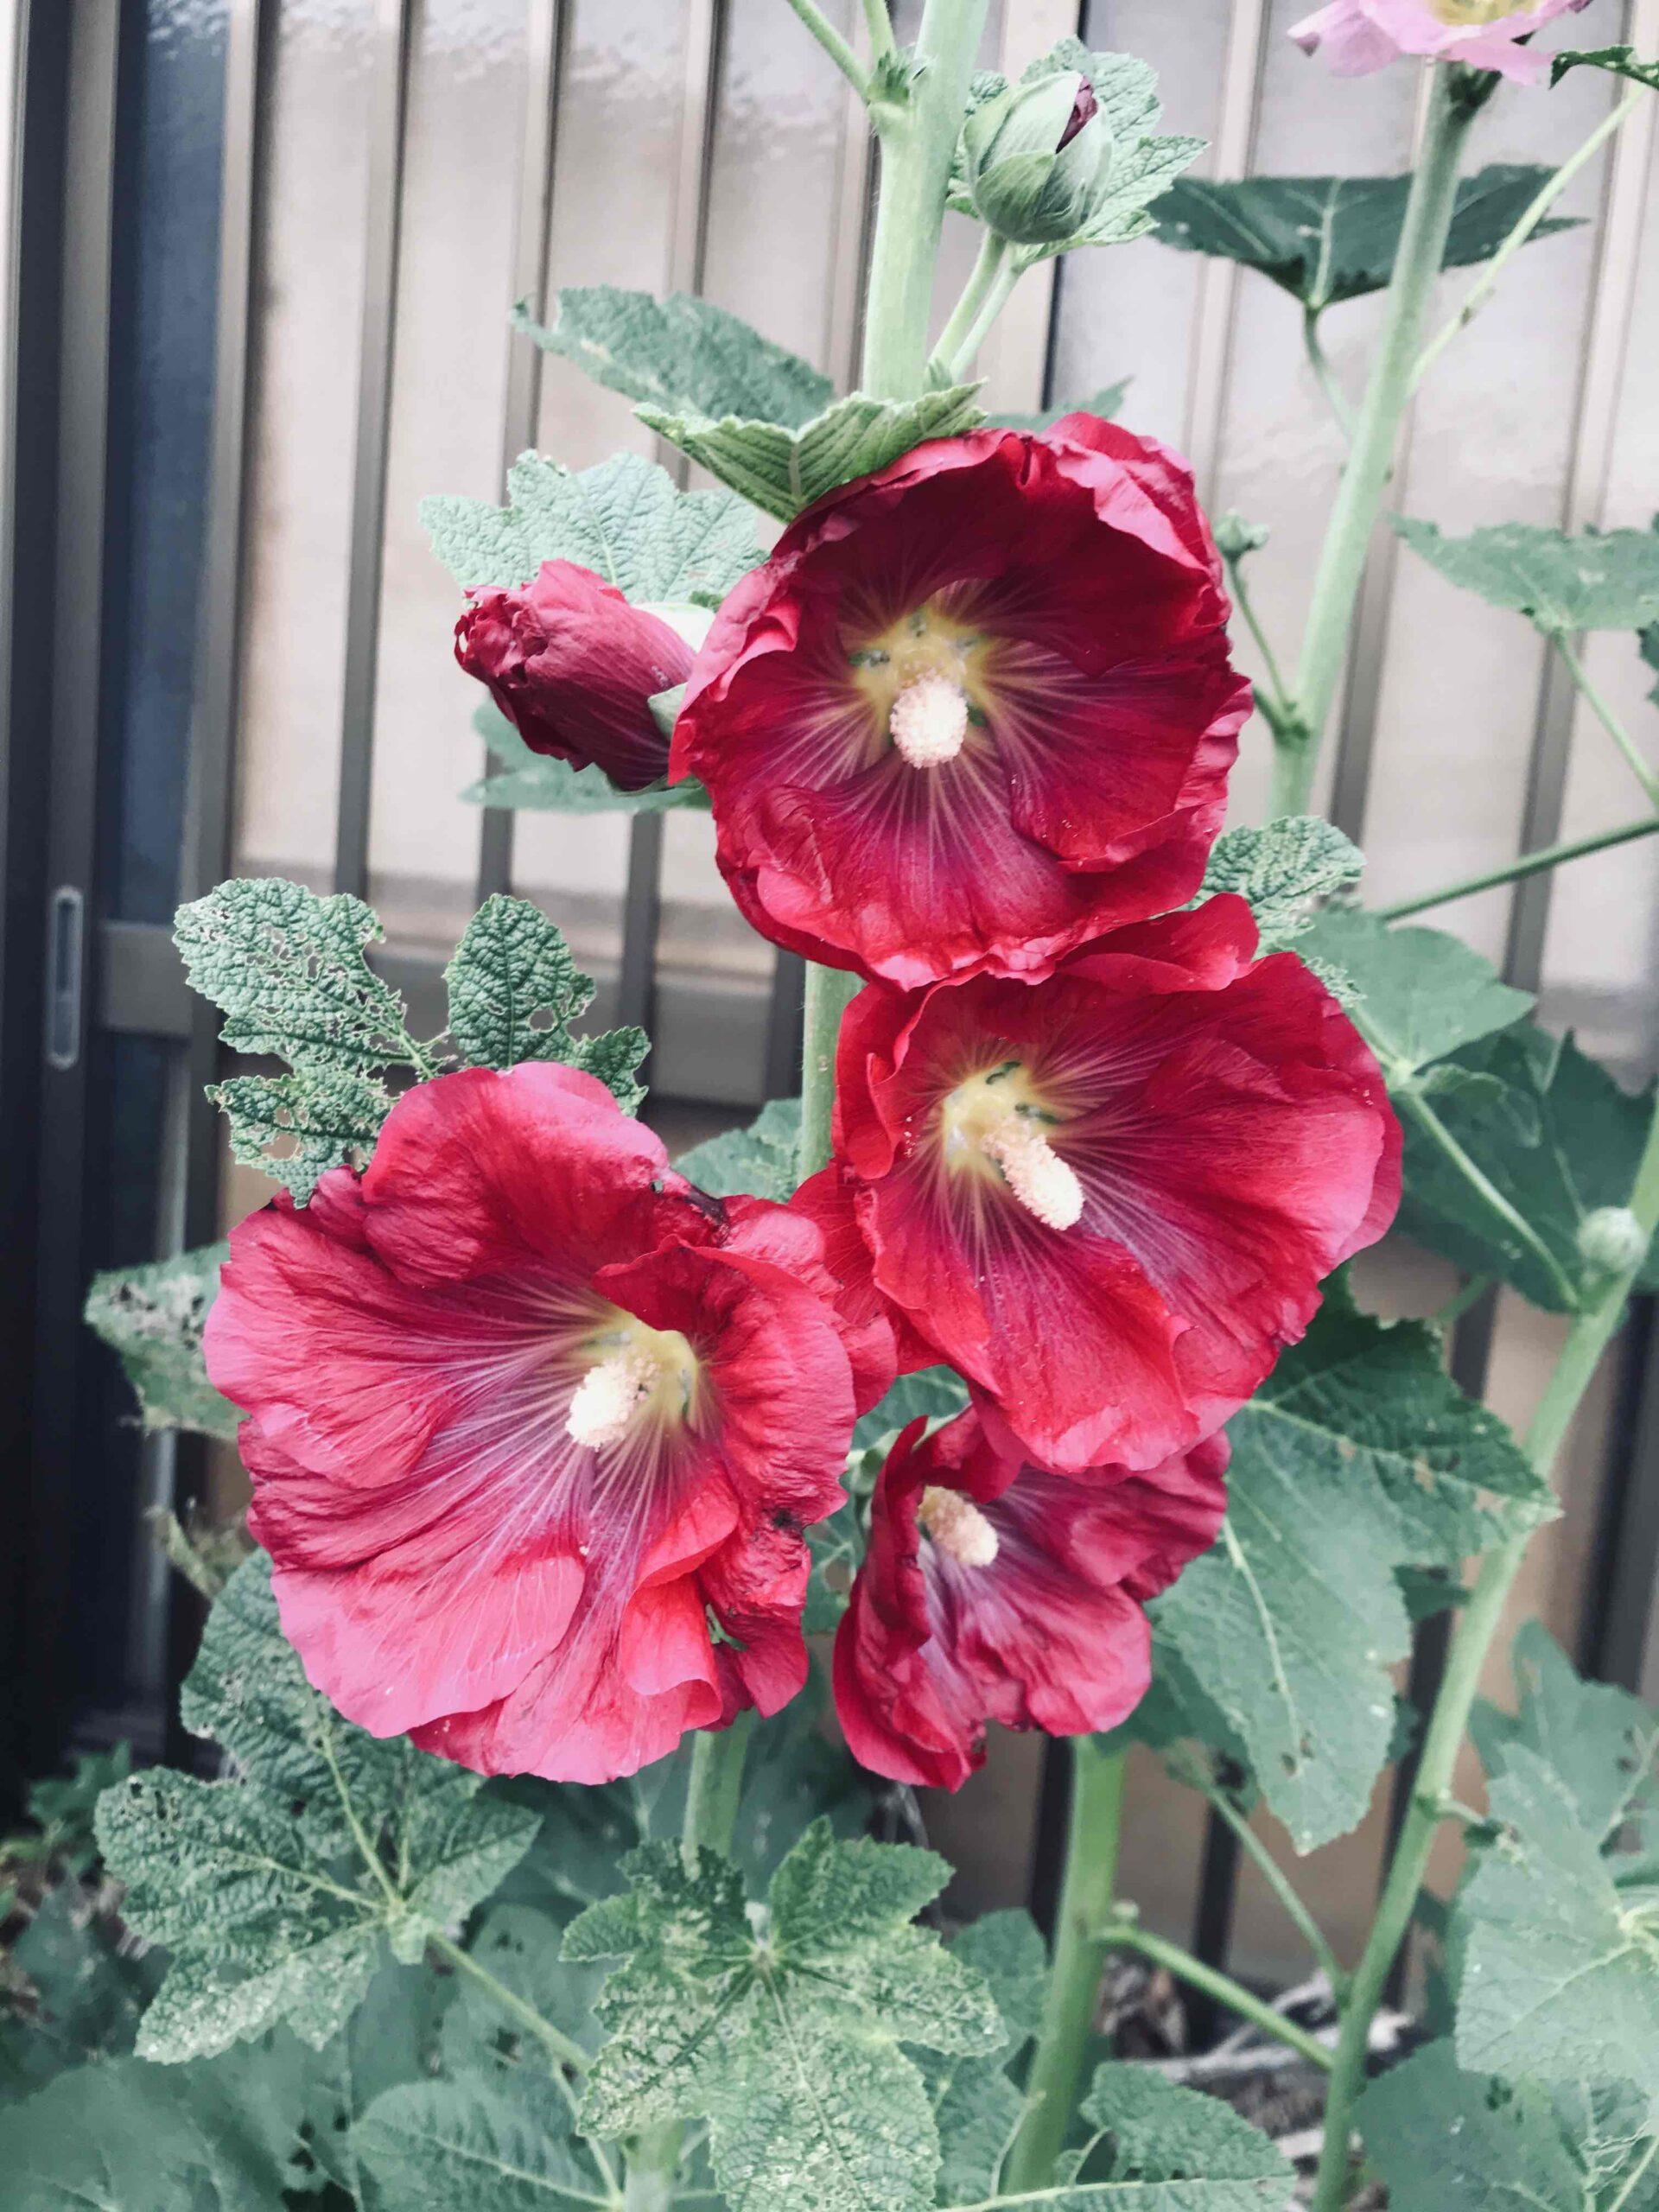 タチアオイが咲き始めました